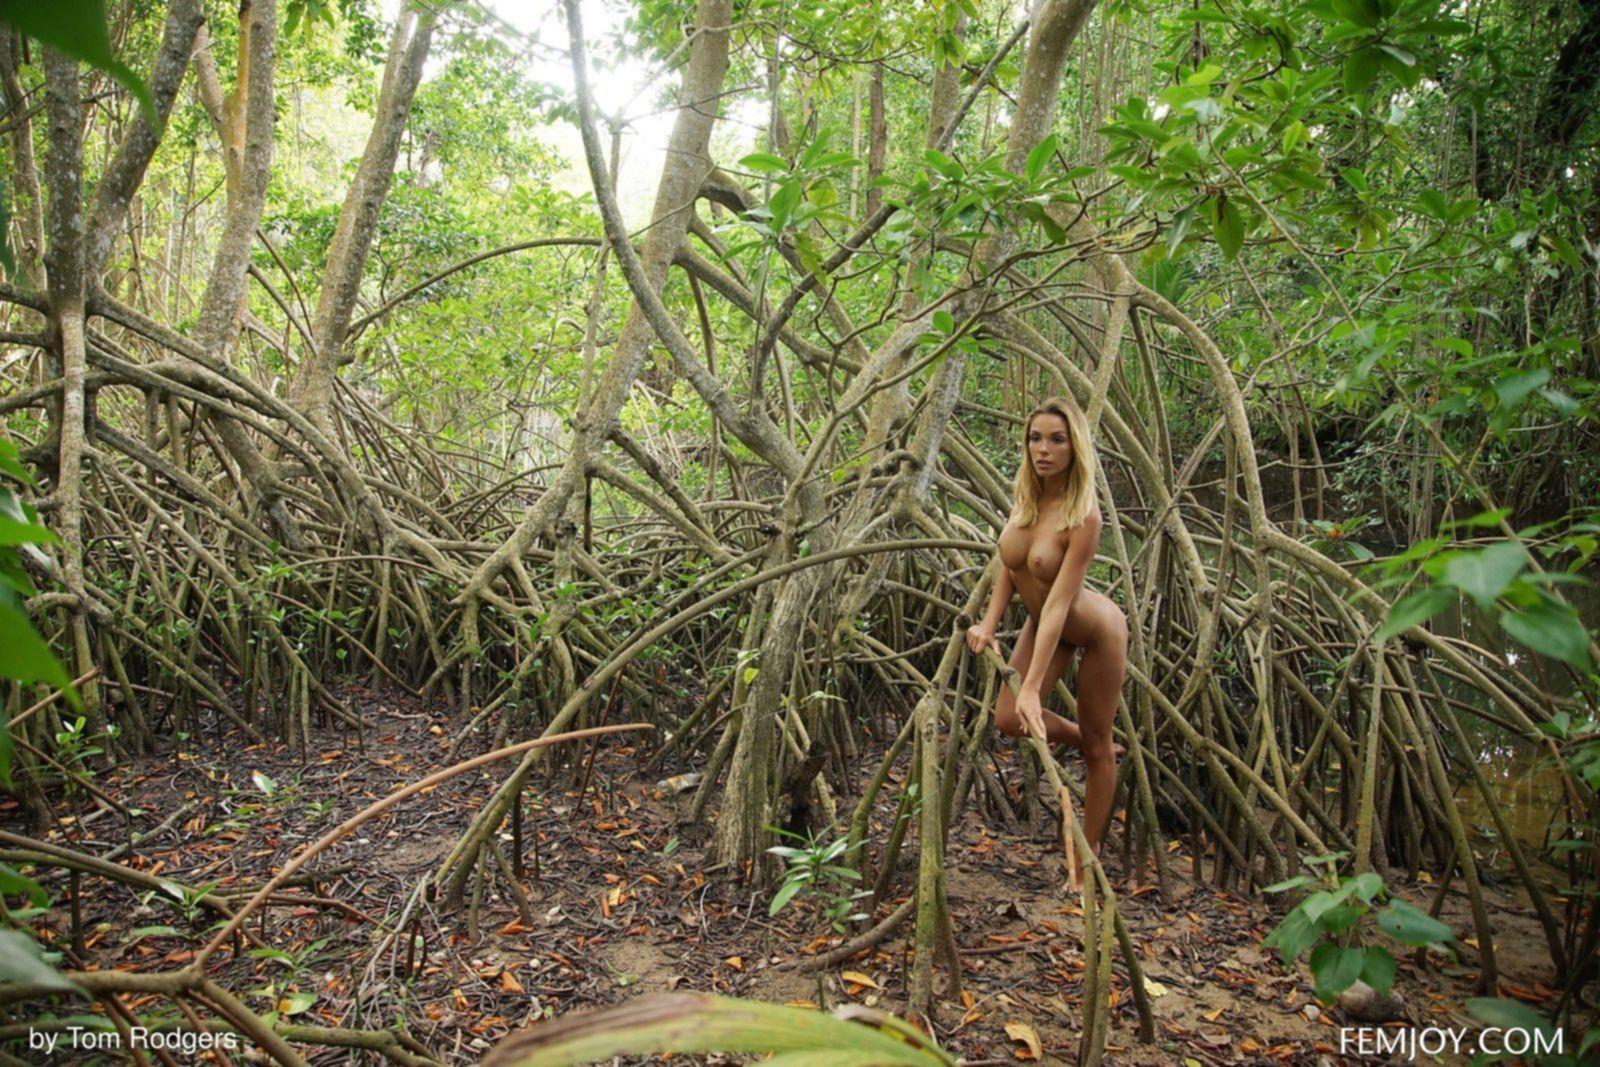 Блондинка с голым телом в тропическом лесу - фото